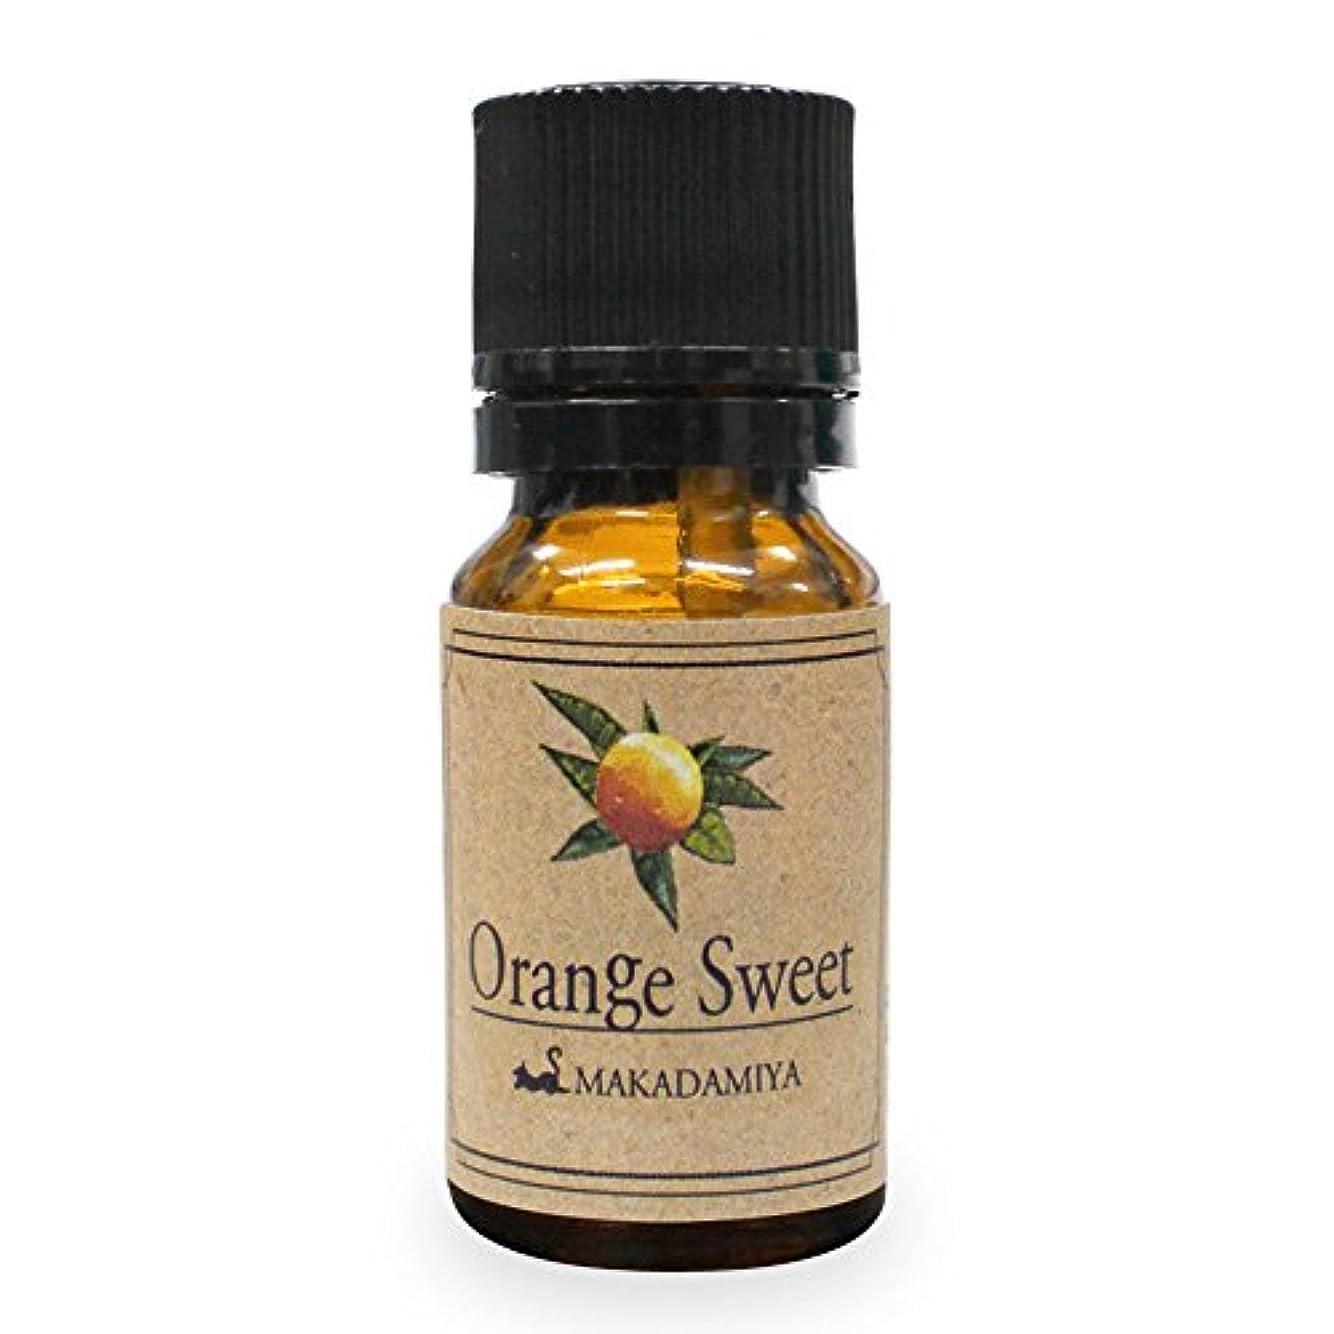 習熟度論理的に玉ねぎオレンジ?スイート10ml 天然100%植物性 エッセンシャルオイル(精油) アロマオイル アロママッサージ aroma Orange S.